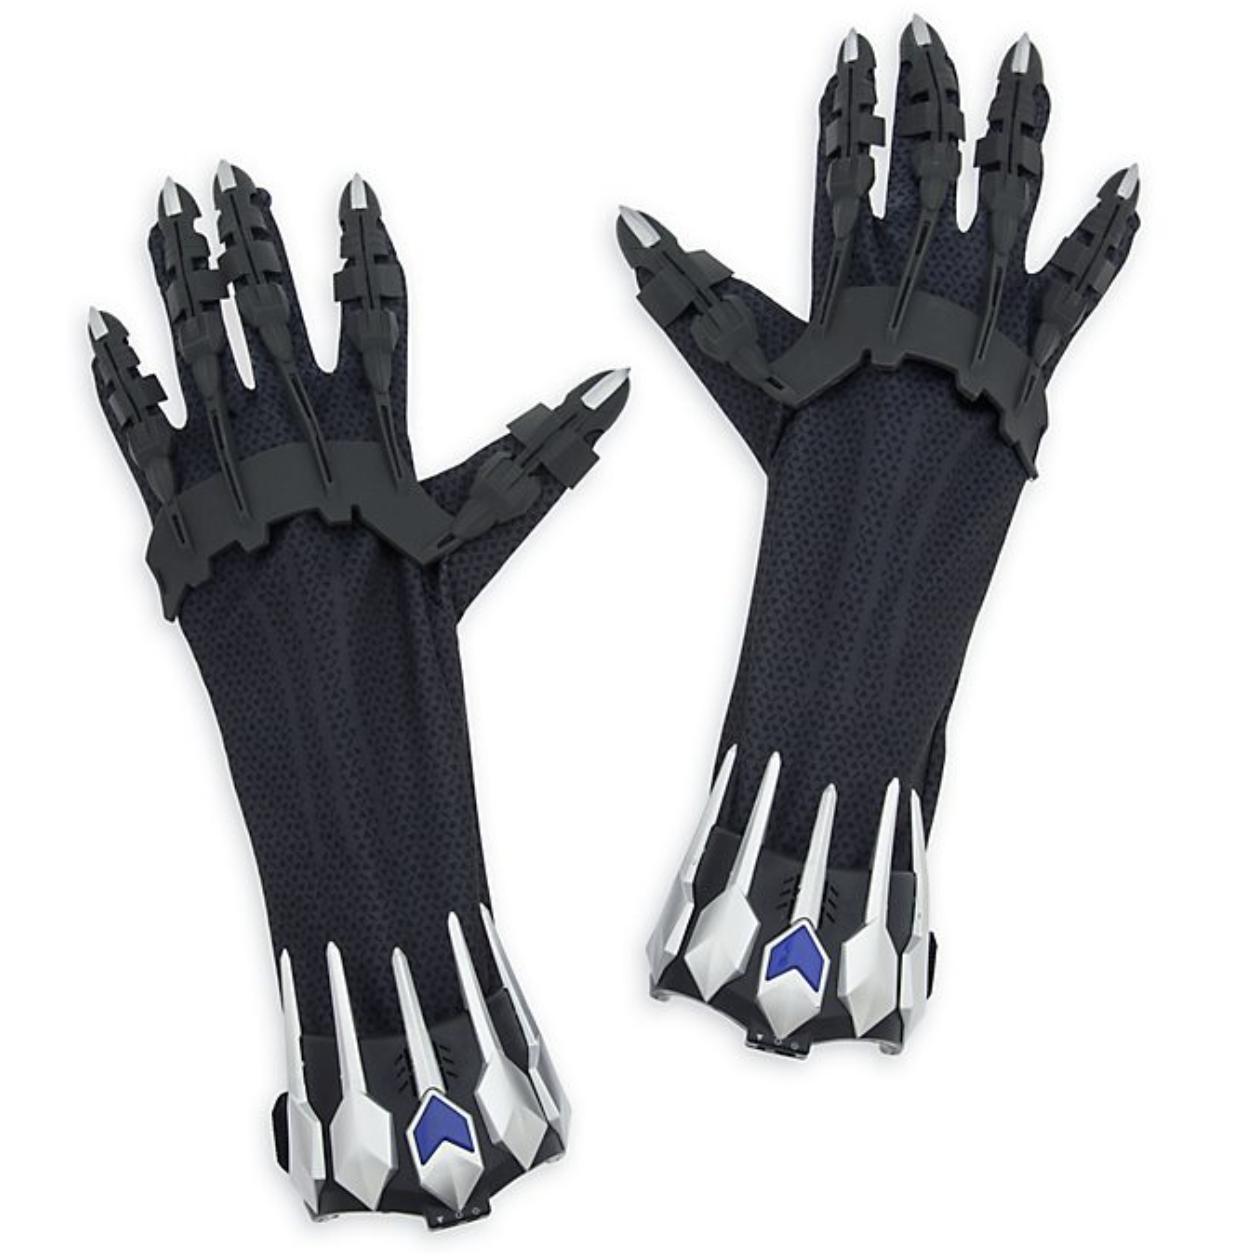 Marvel - Black Panther : Réplique gants avec bruitages